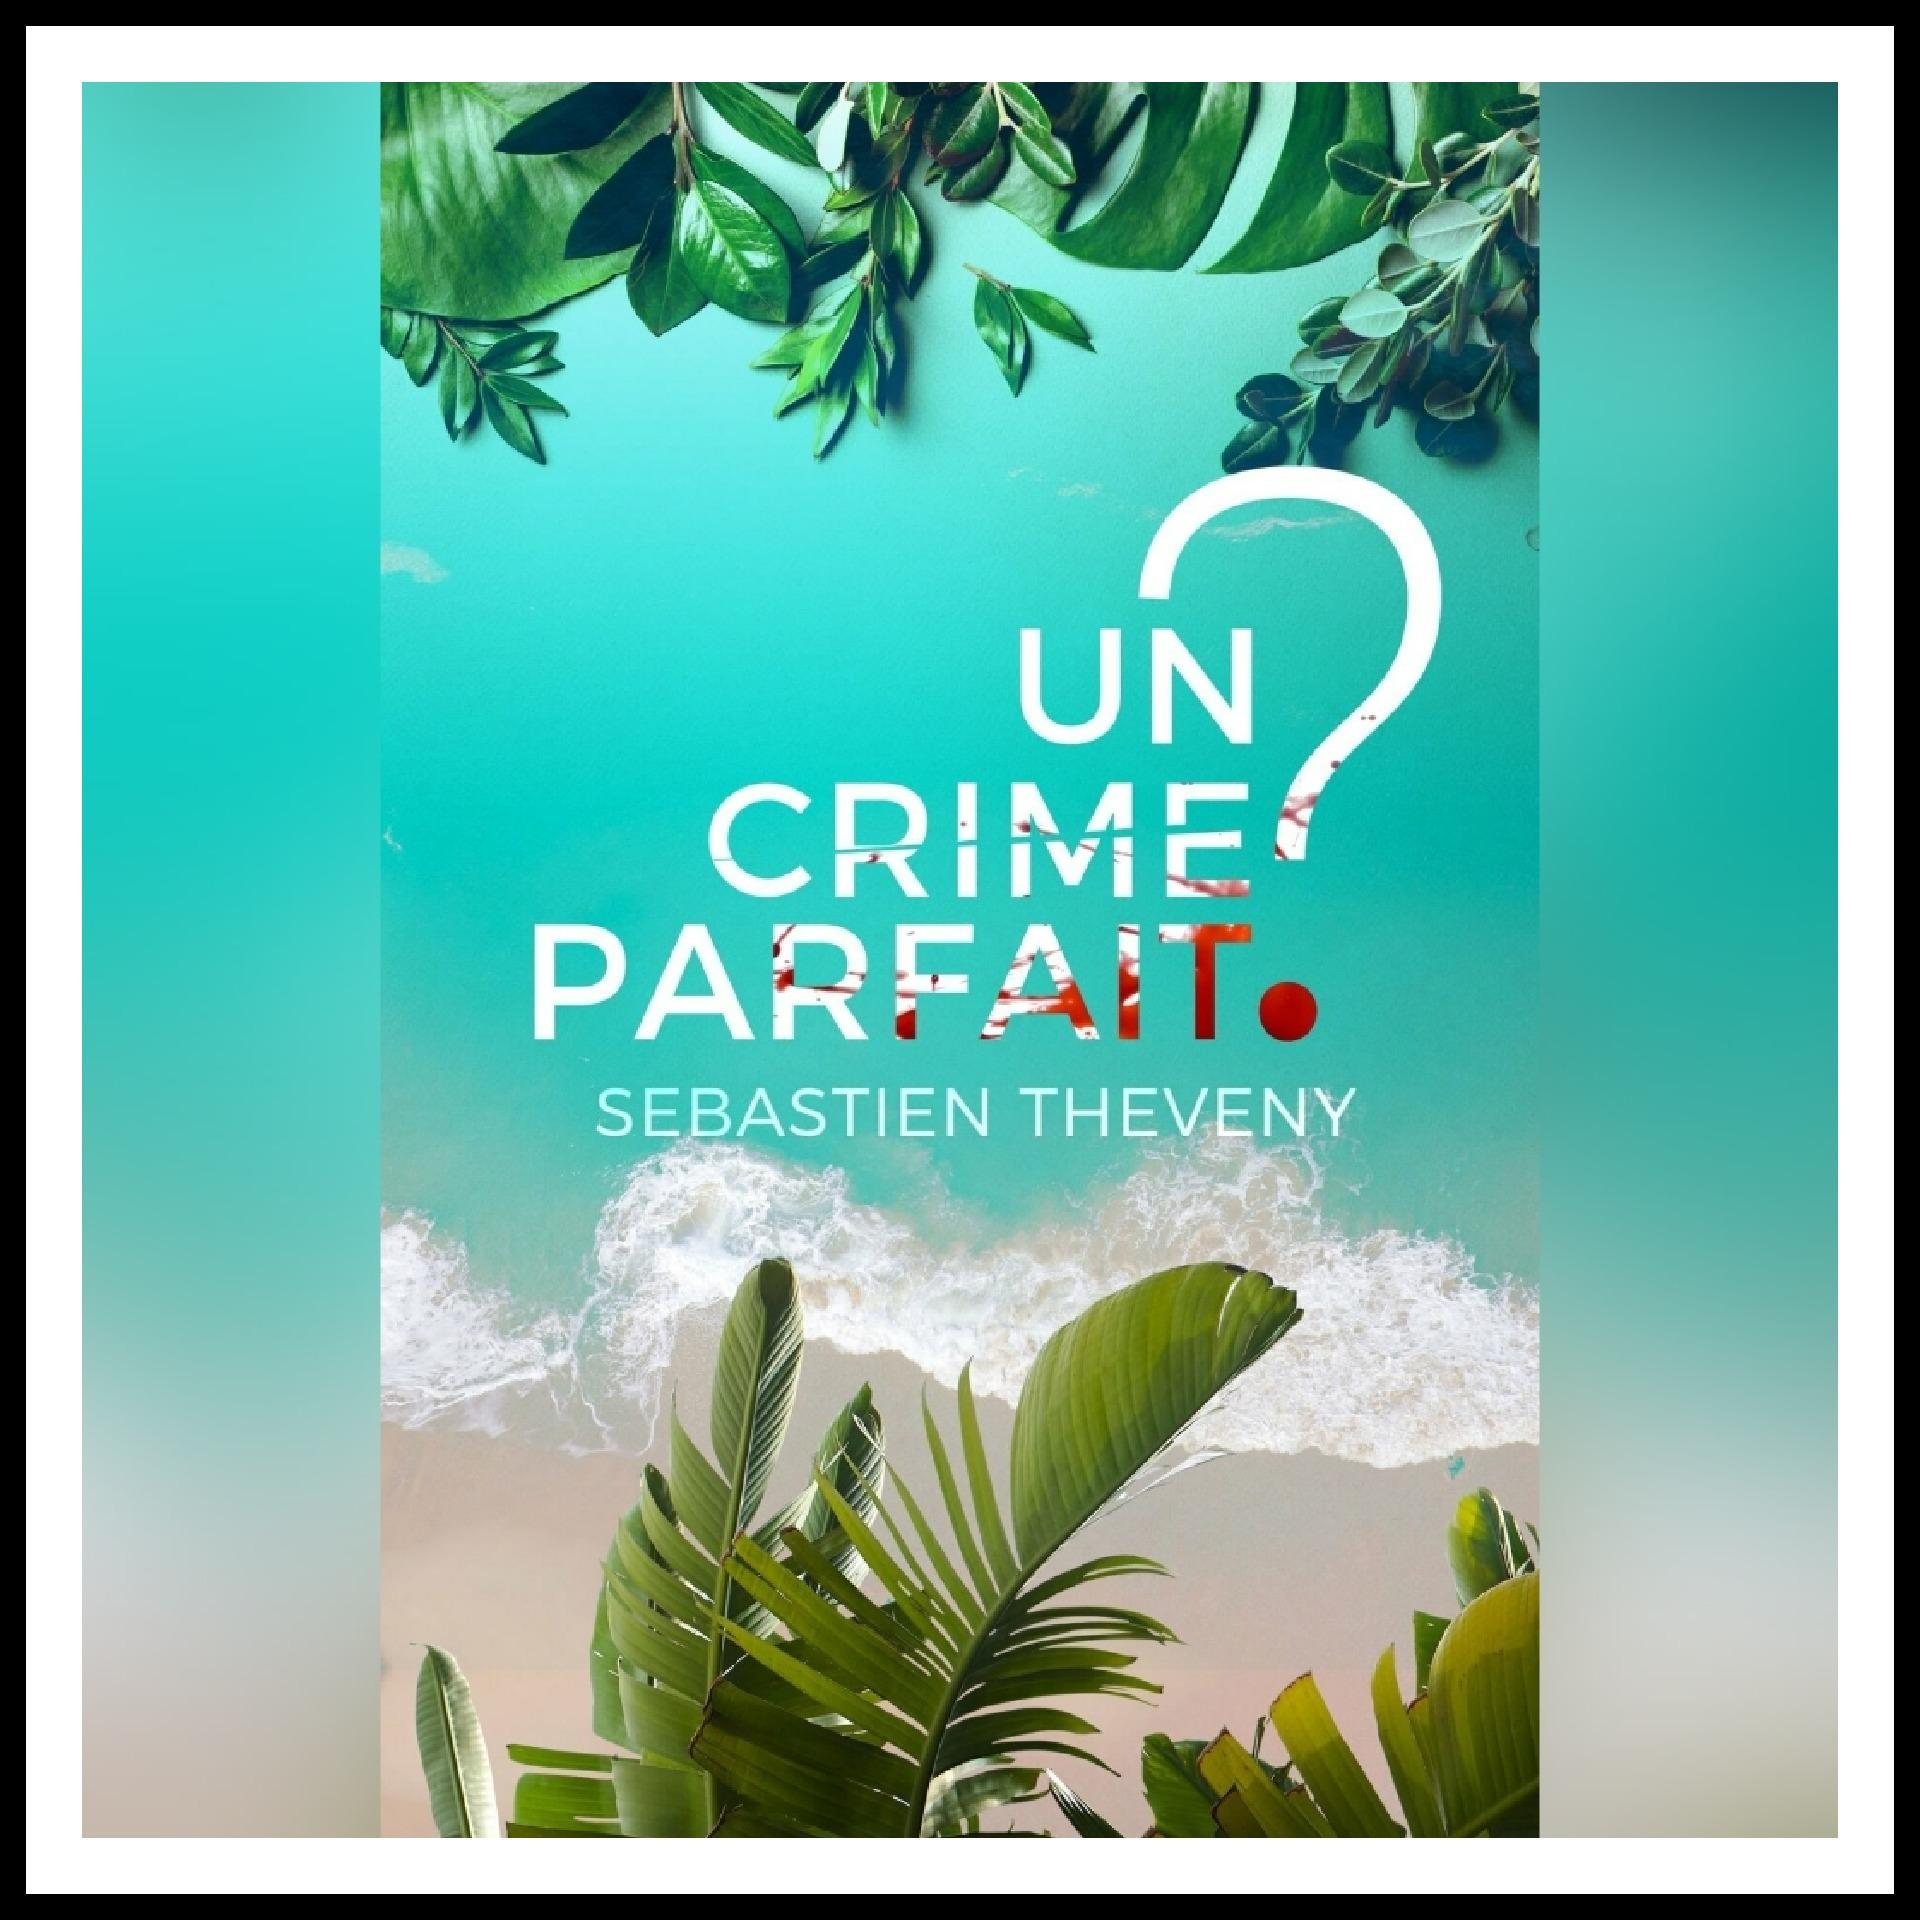 Chroniques 2021 \ Un crime parfait ? de Sébastien Theveny